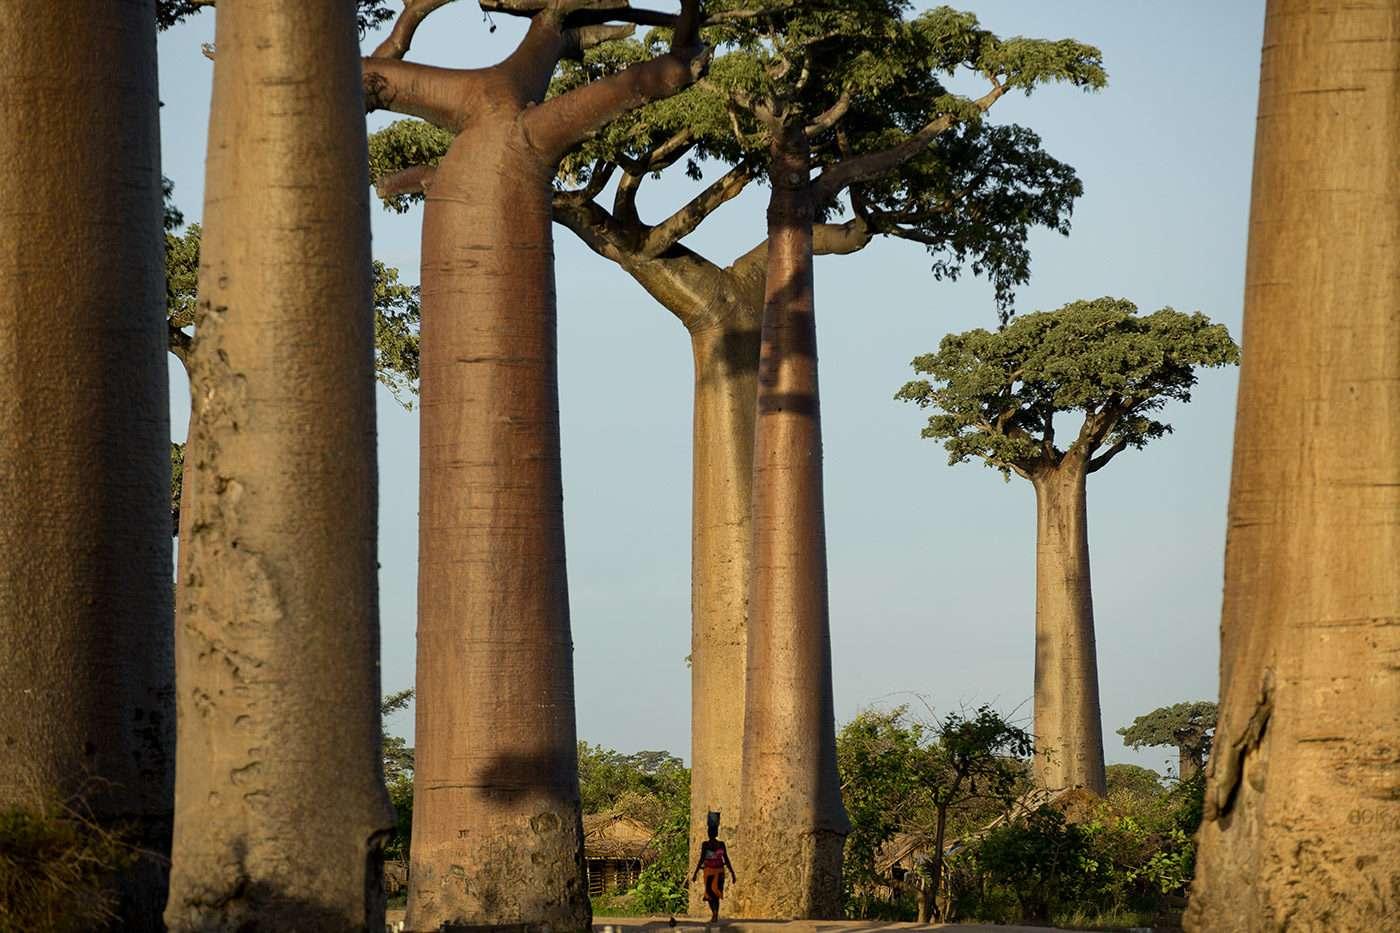 Soutien photographie, reportage Pascal Maitre, Madagascar